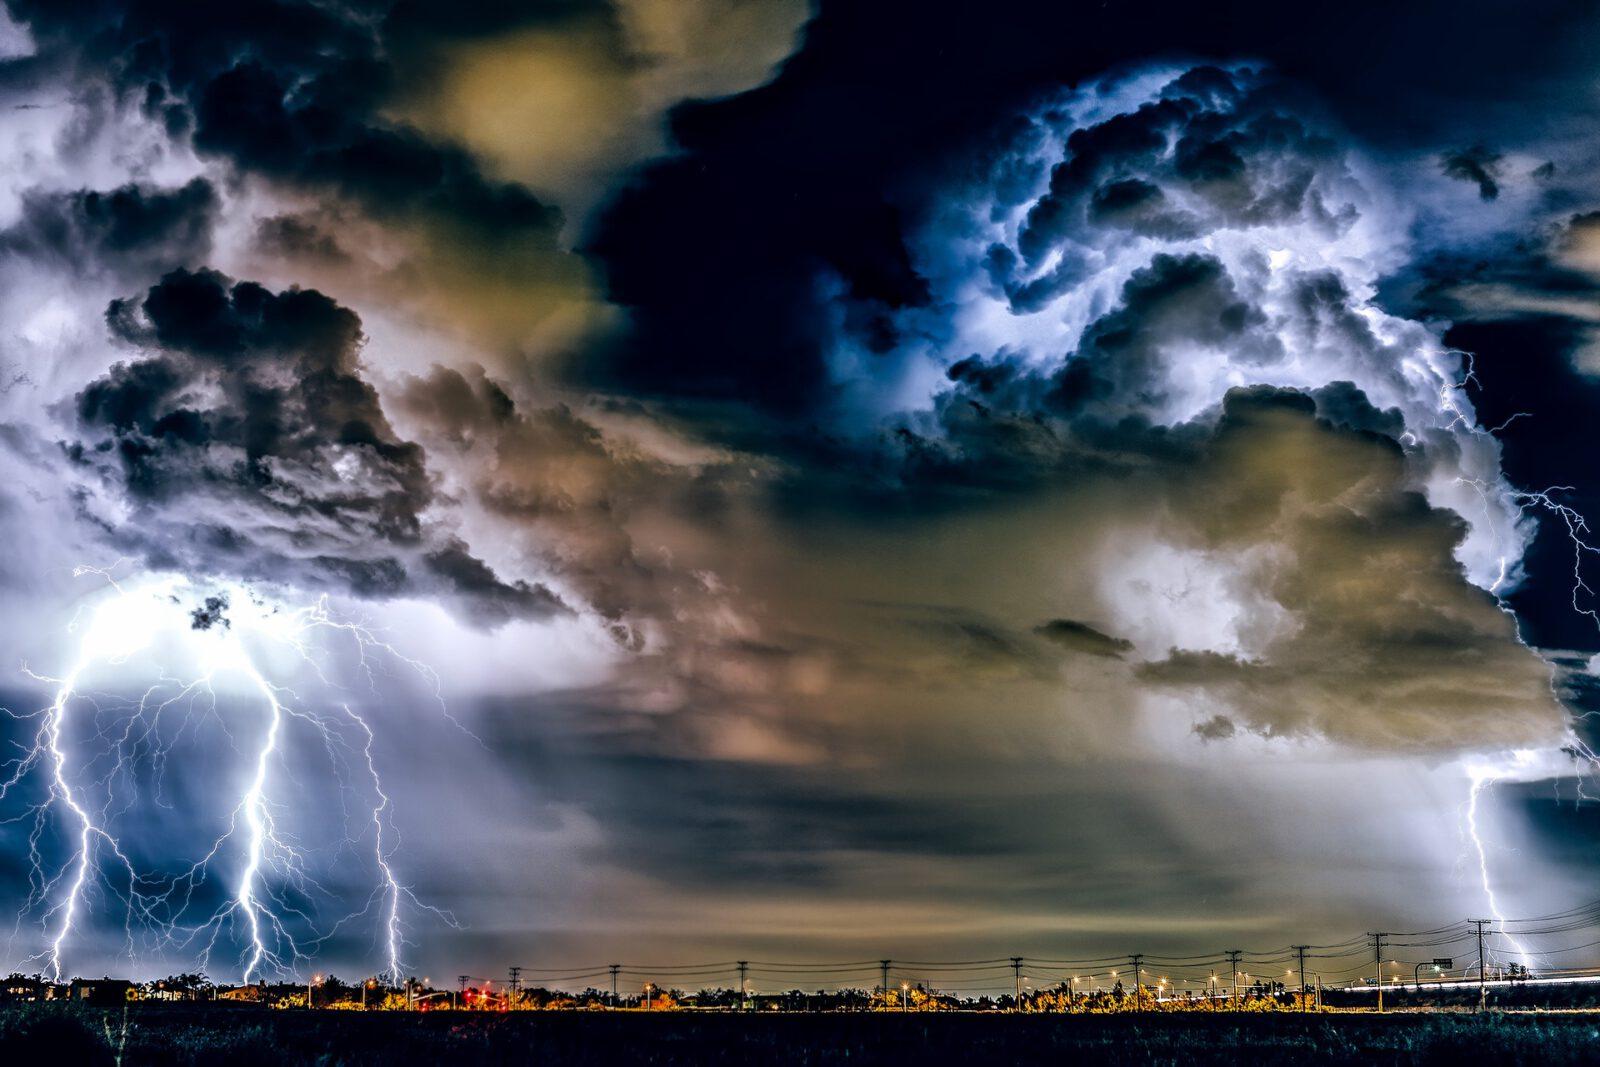 Burzowe ciemne niebo z kłębiastymi chmurami i błyskawicami.